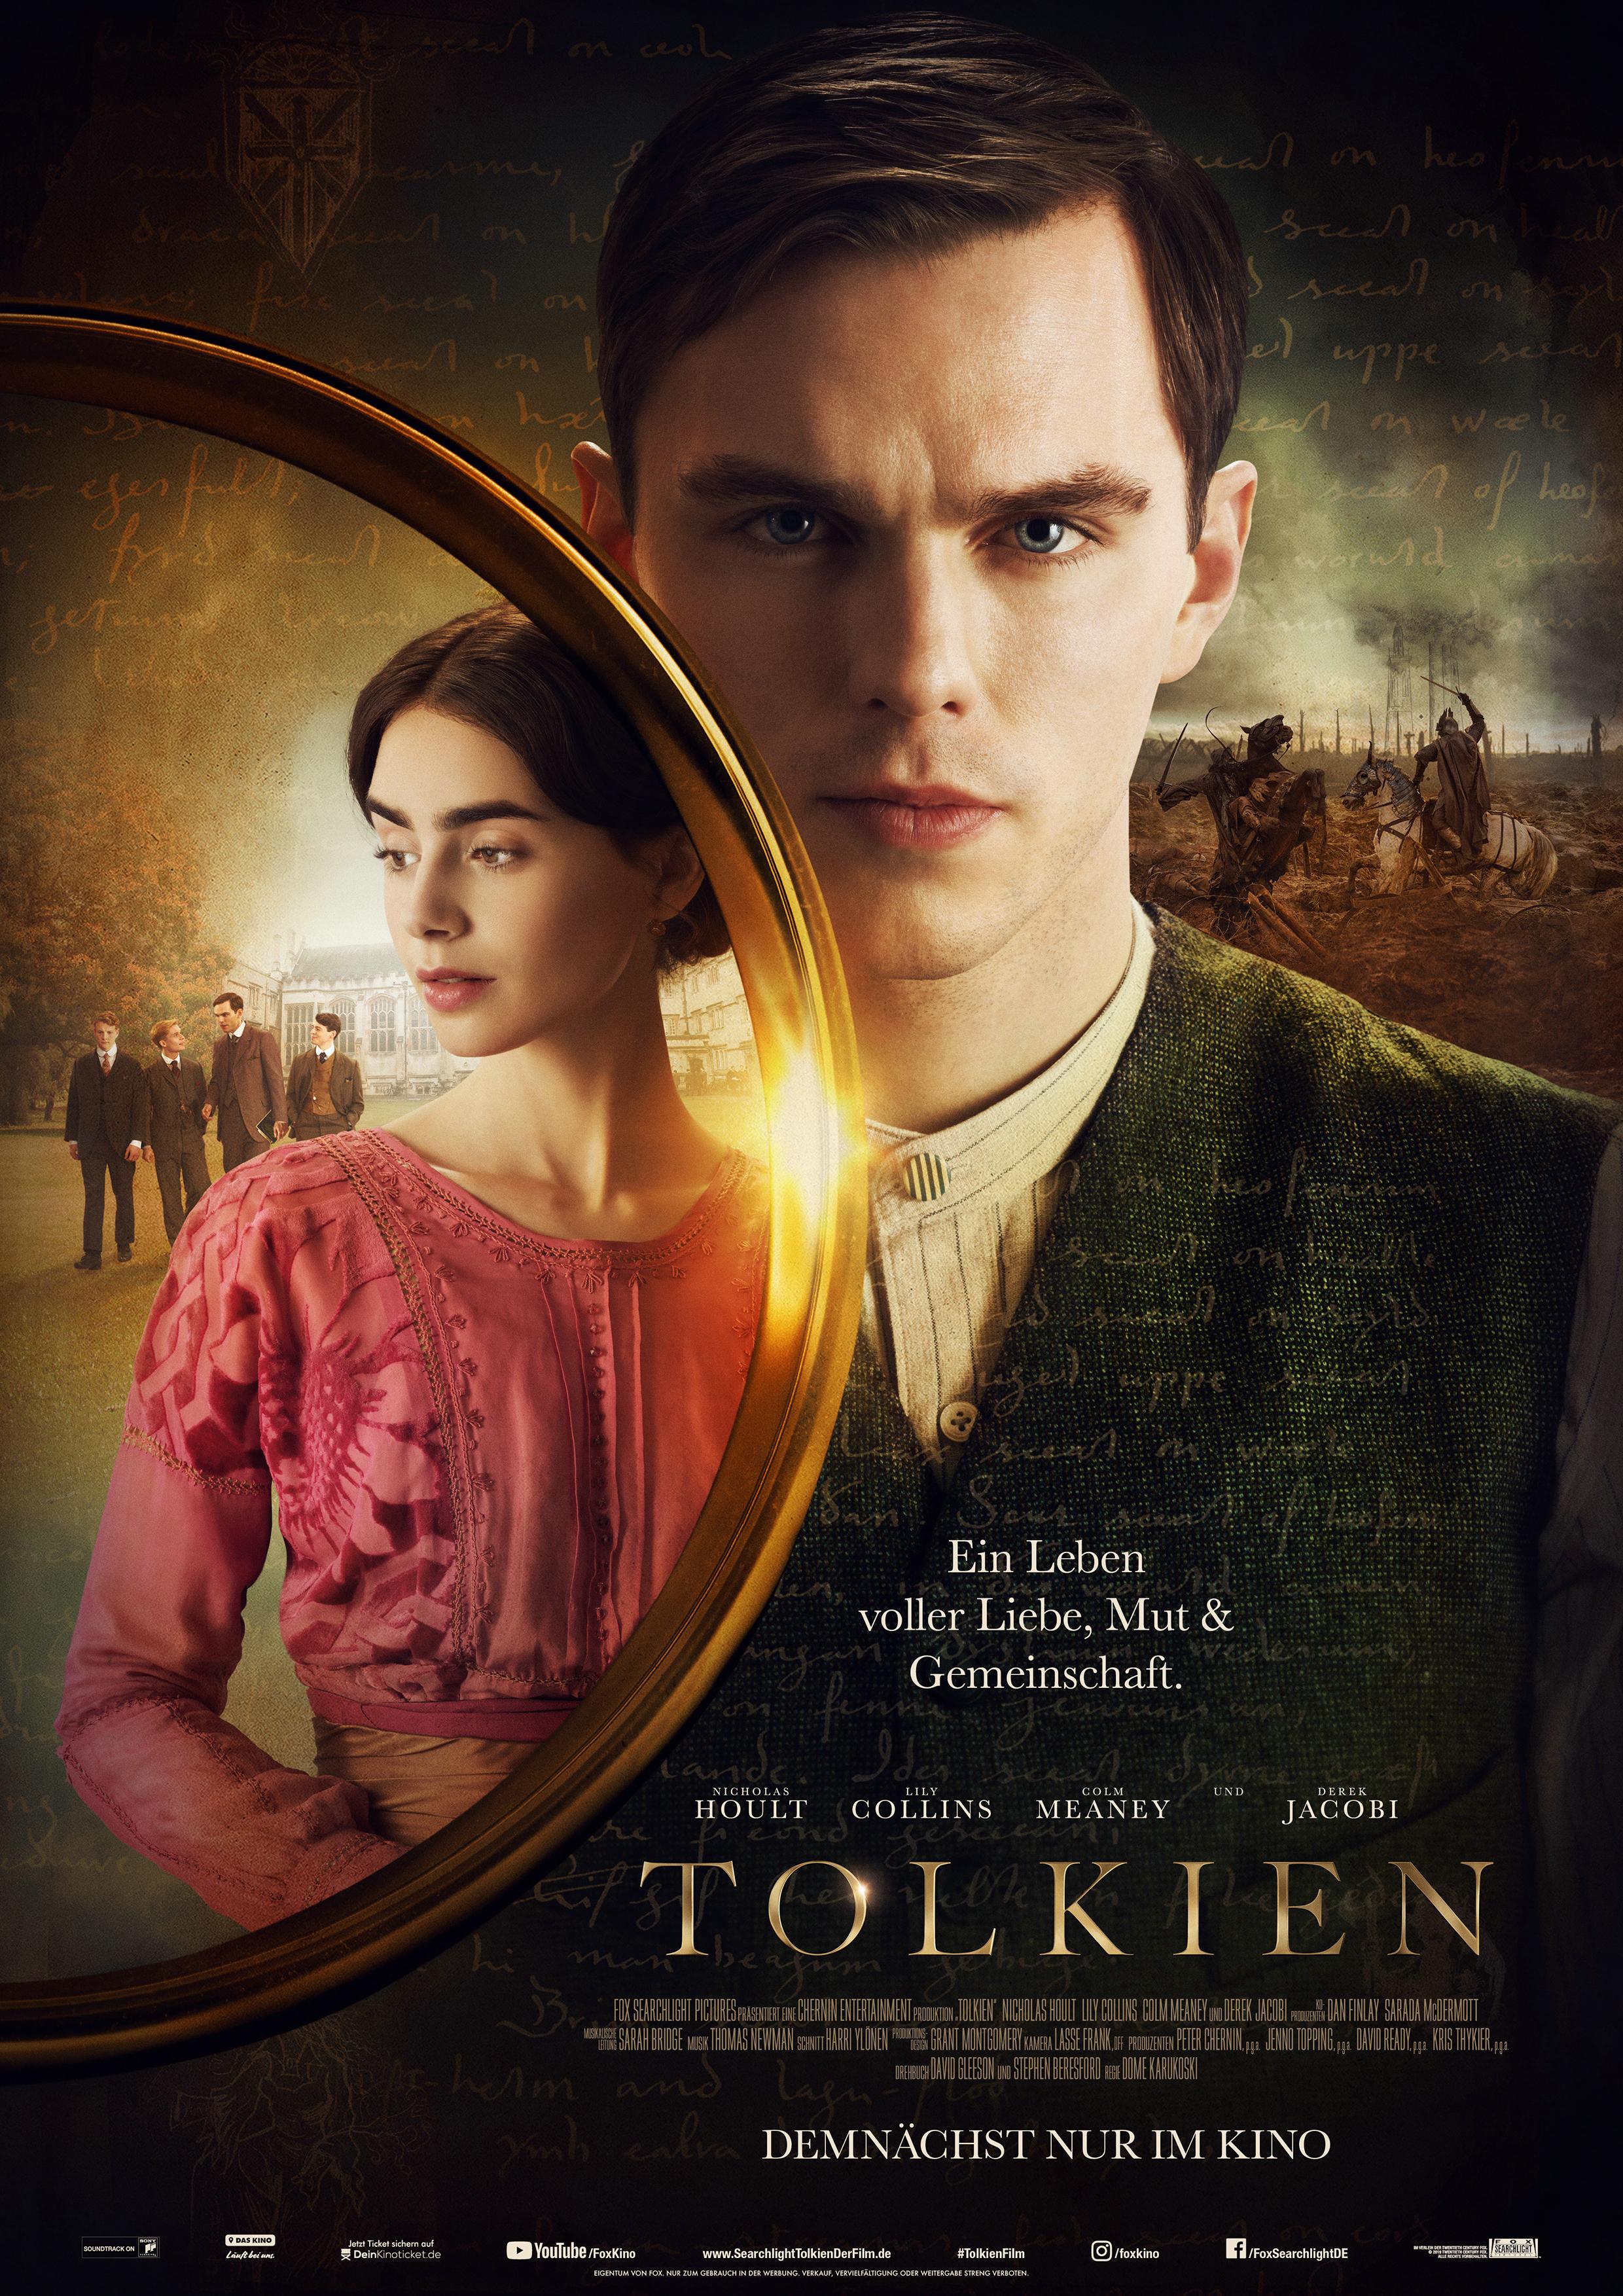 Frohe Weihnachten Miss Kingsley.Tolkien Film 2019 Trailer Kritik Kino De